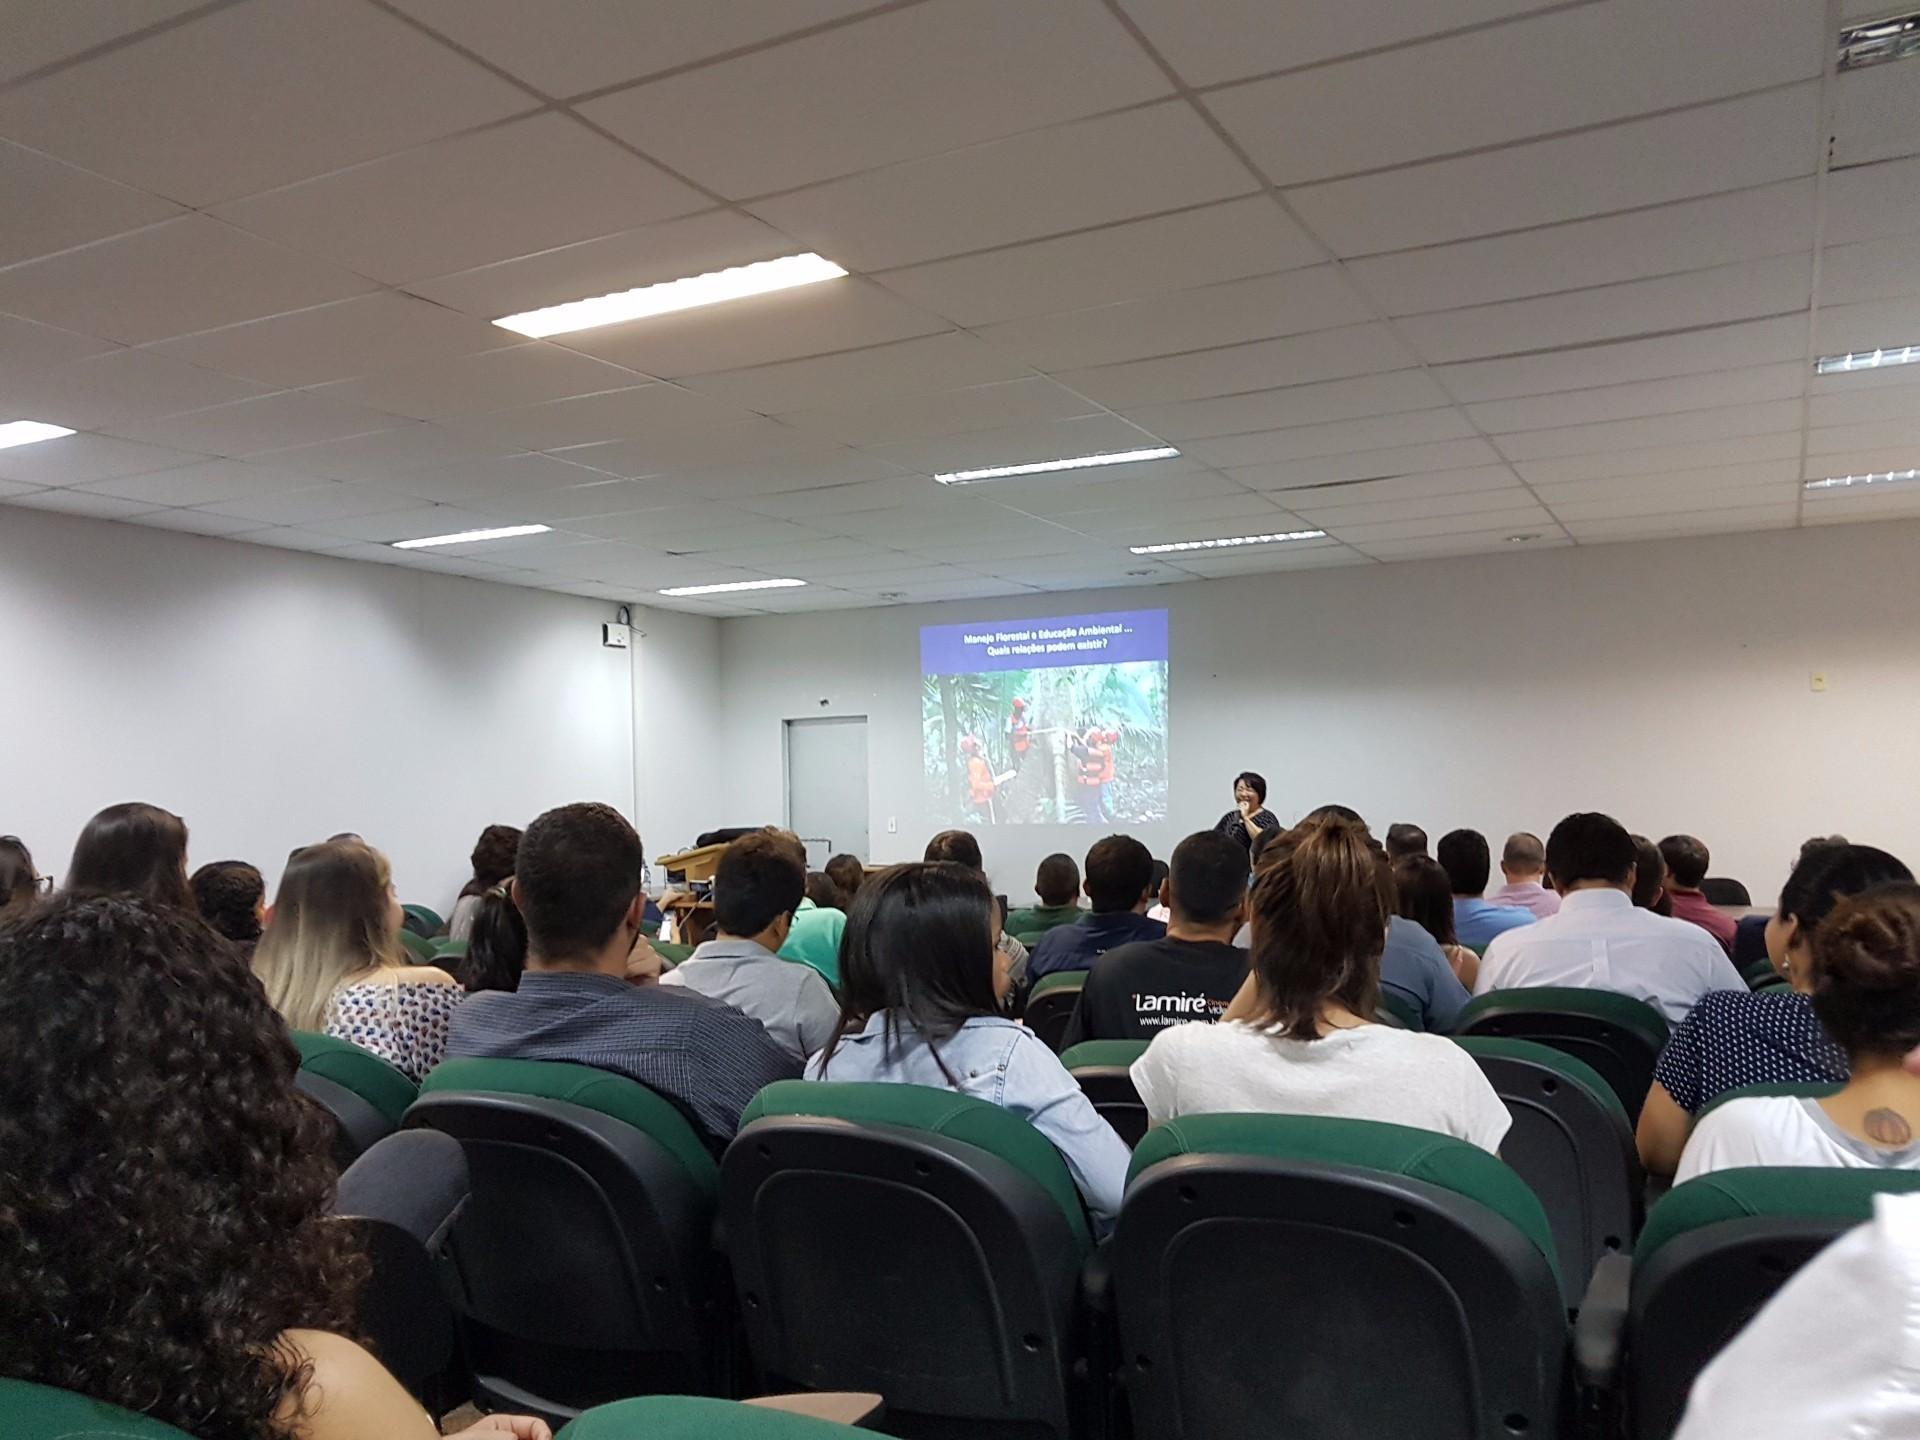 Auditório da UFMT lotado com os participantes dos cursos de manejo e gestão florestal (Foto: ONF Brasil)